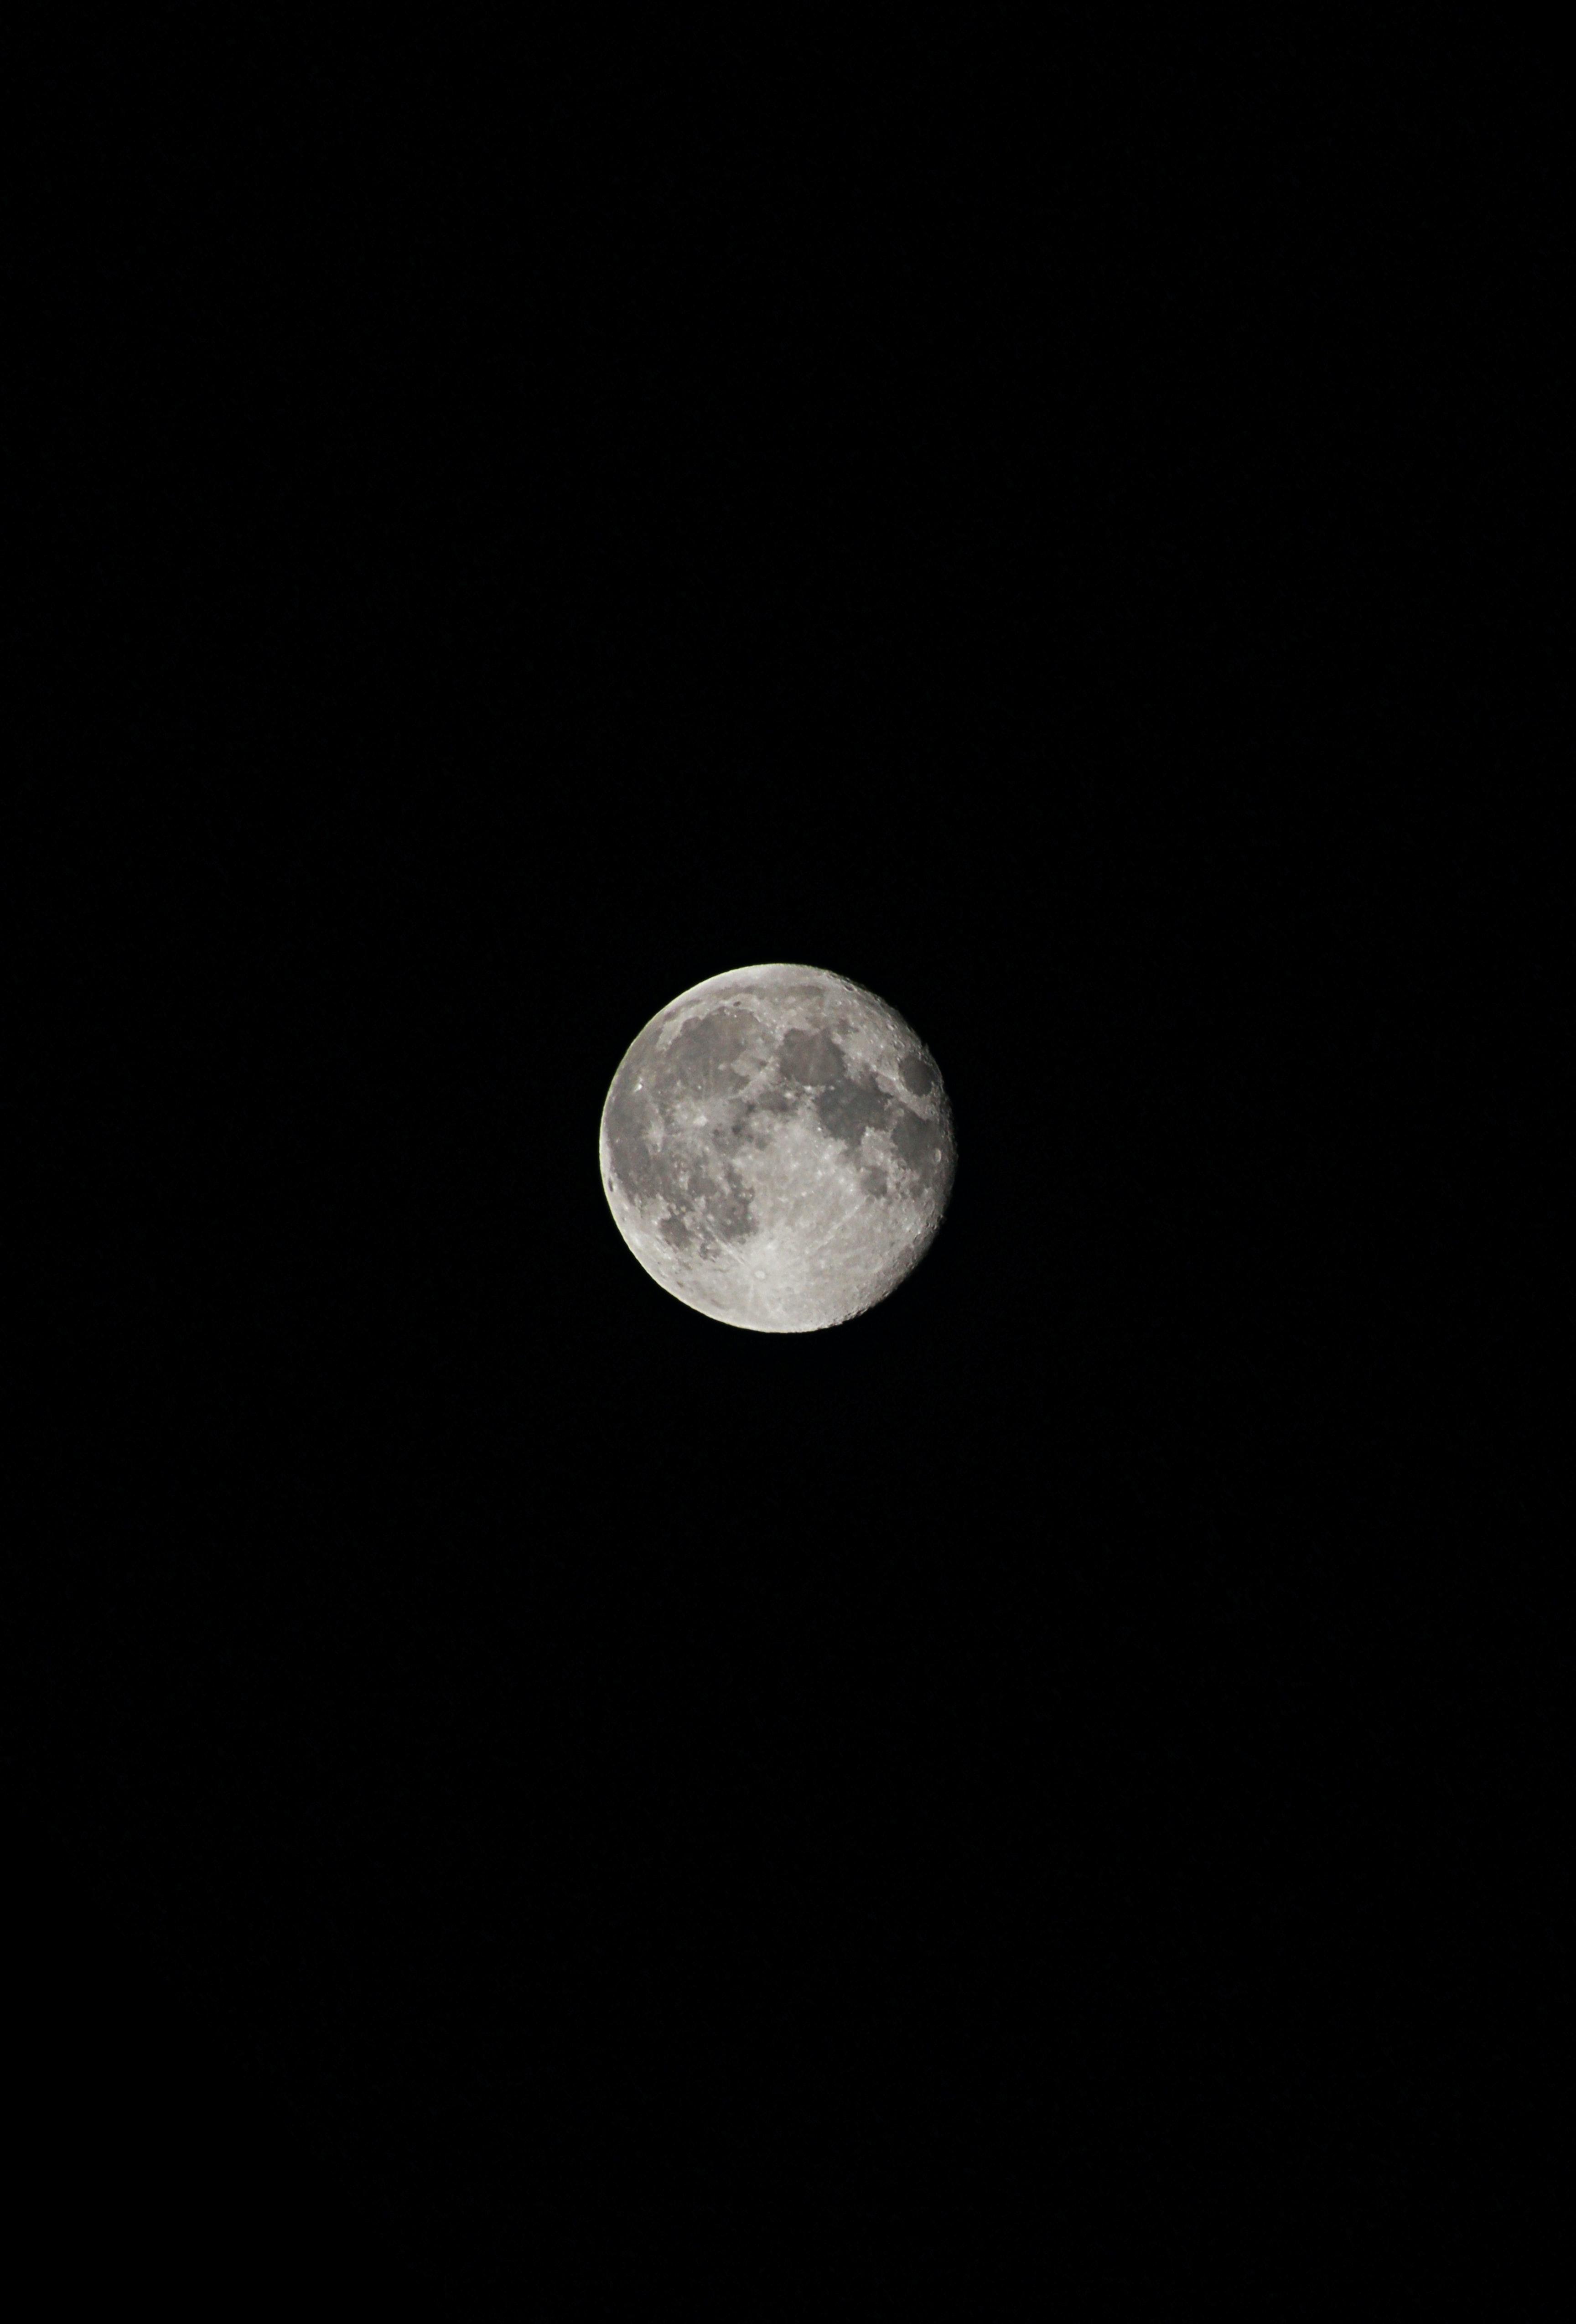 99639 免費下載壁紙 满月, 月球, 黑色的 屏保和圖片